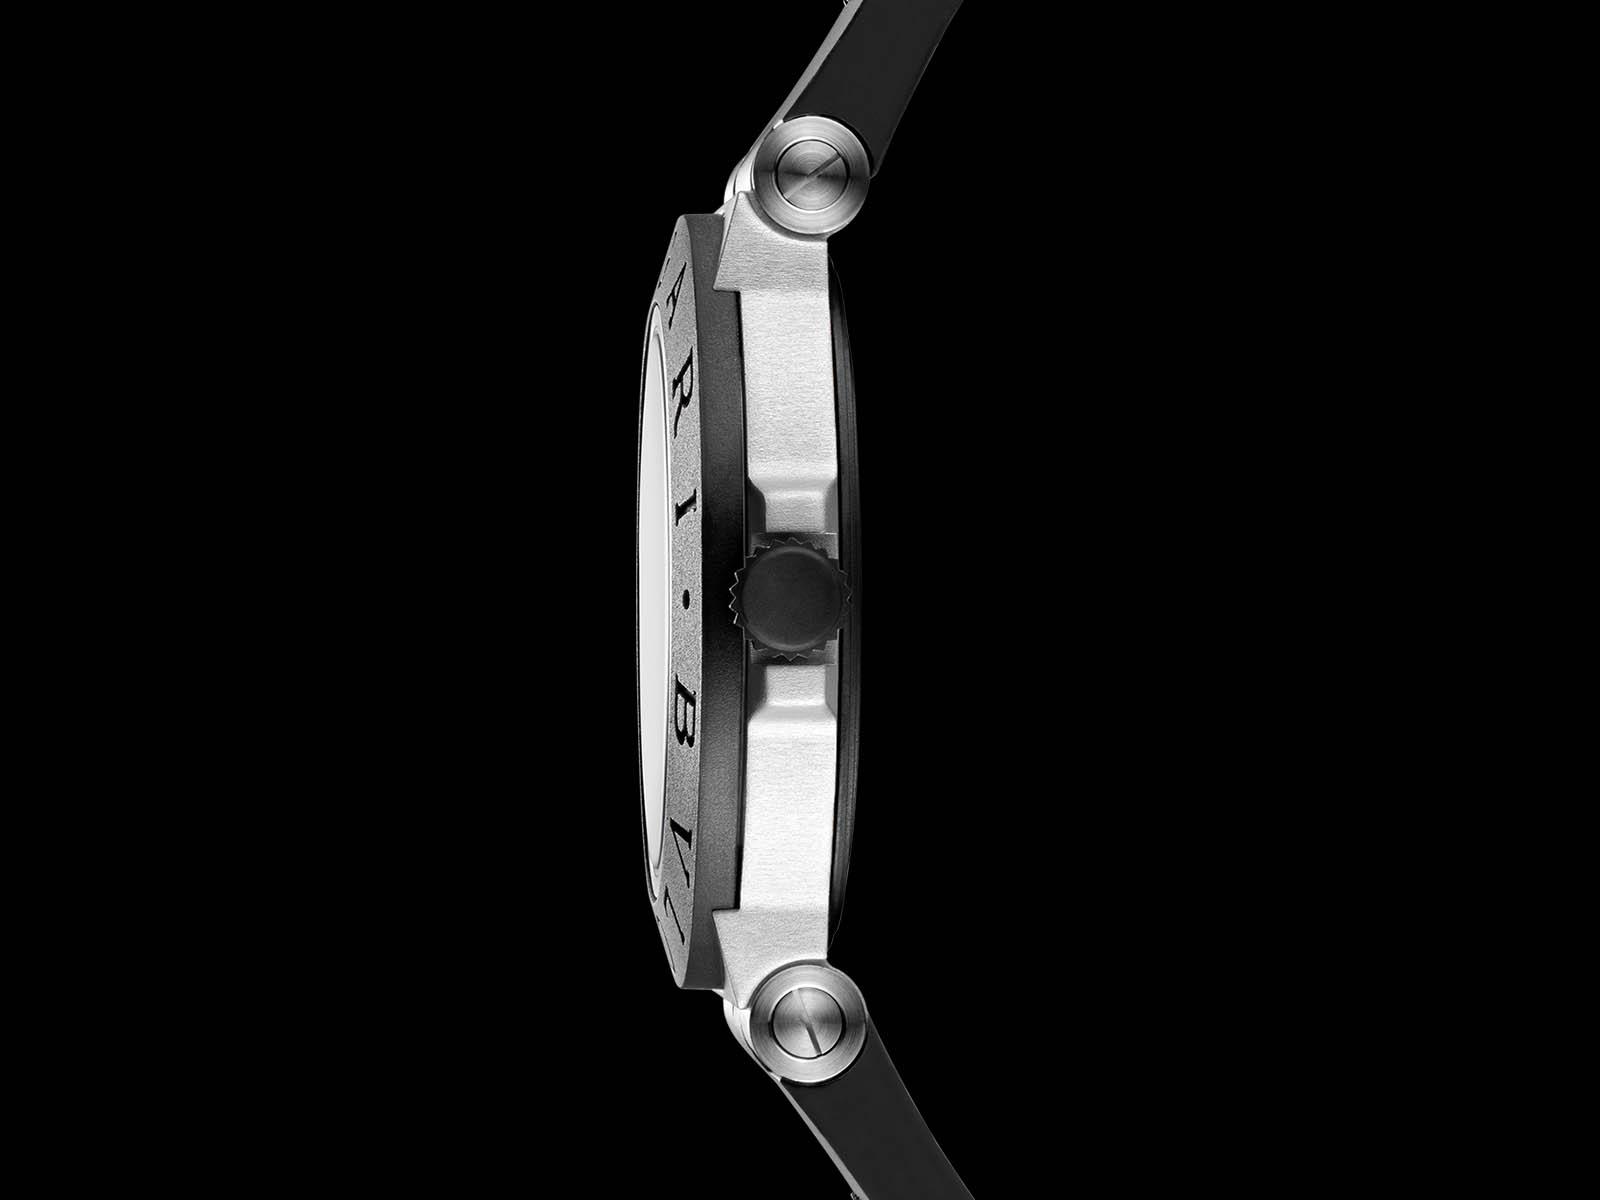 103539-bulgari-aluminum-steve-aoki-special-edition-6.jpg